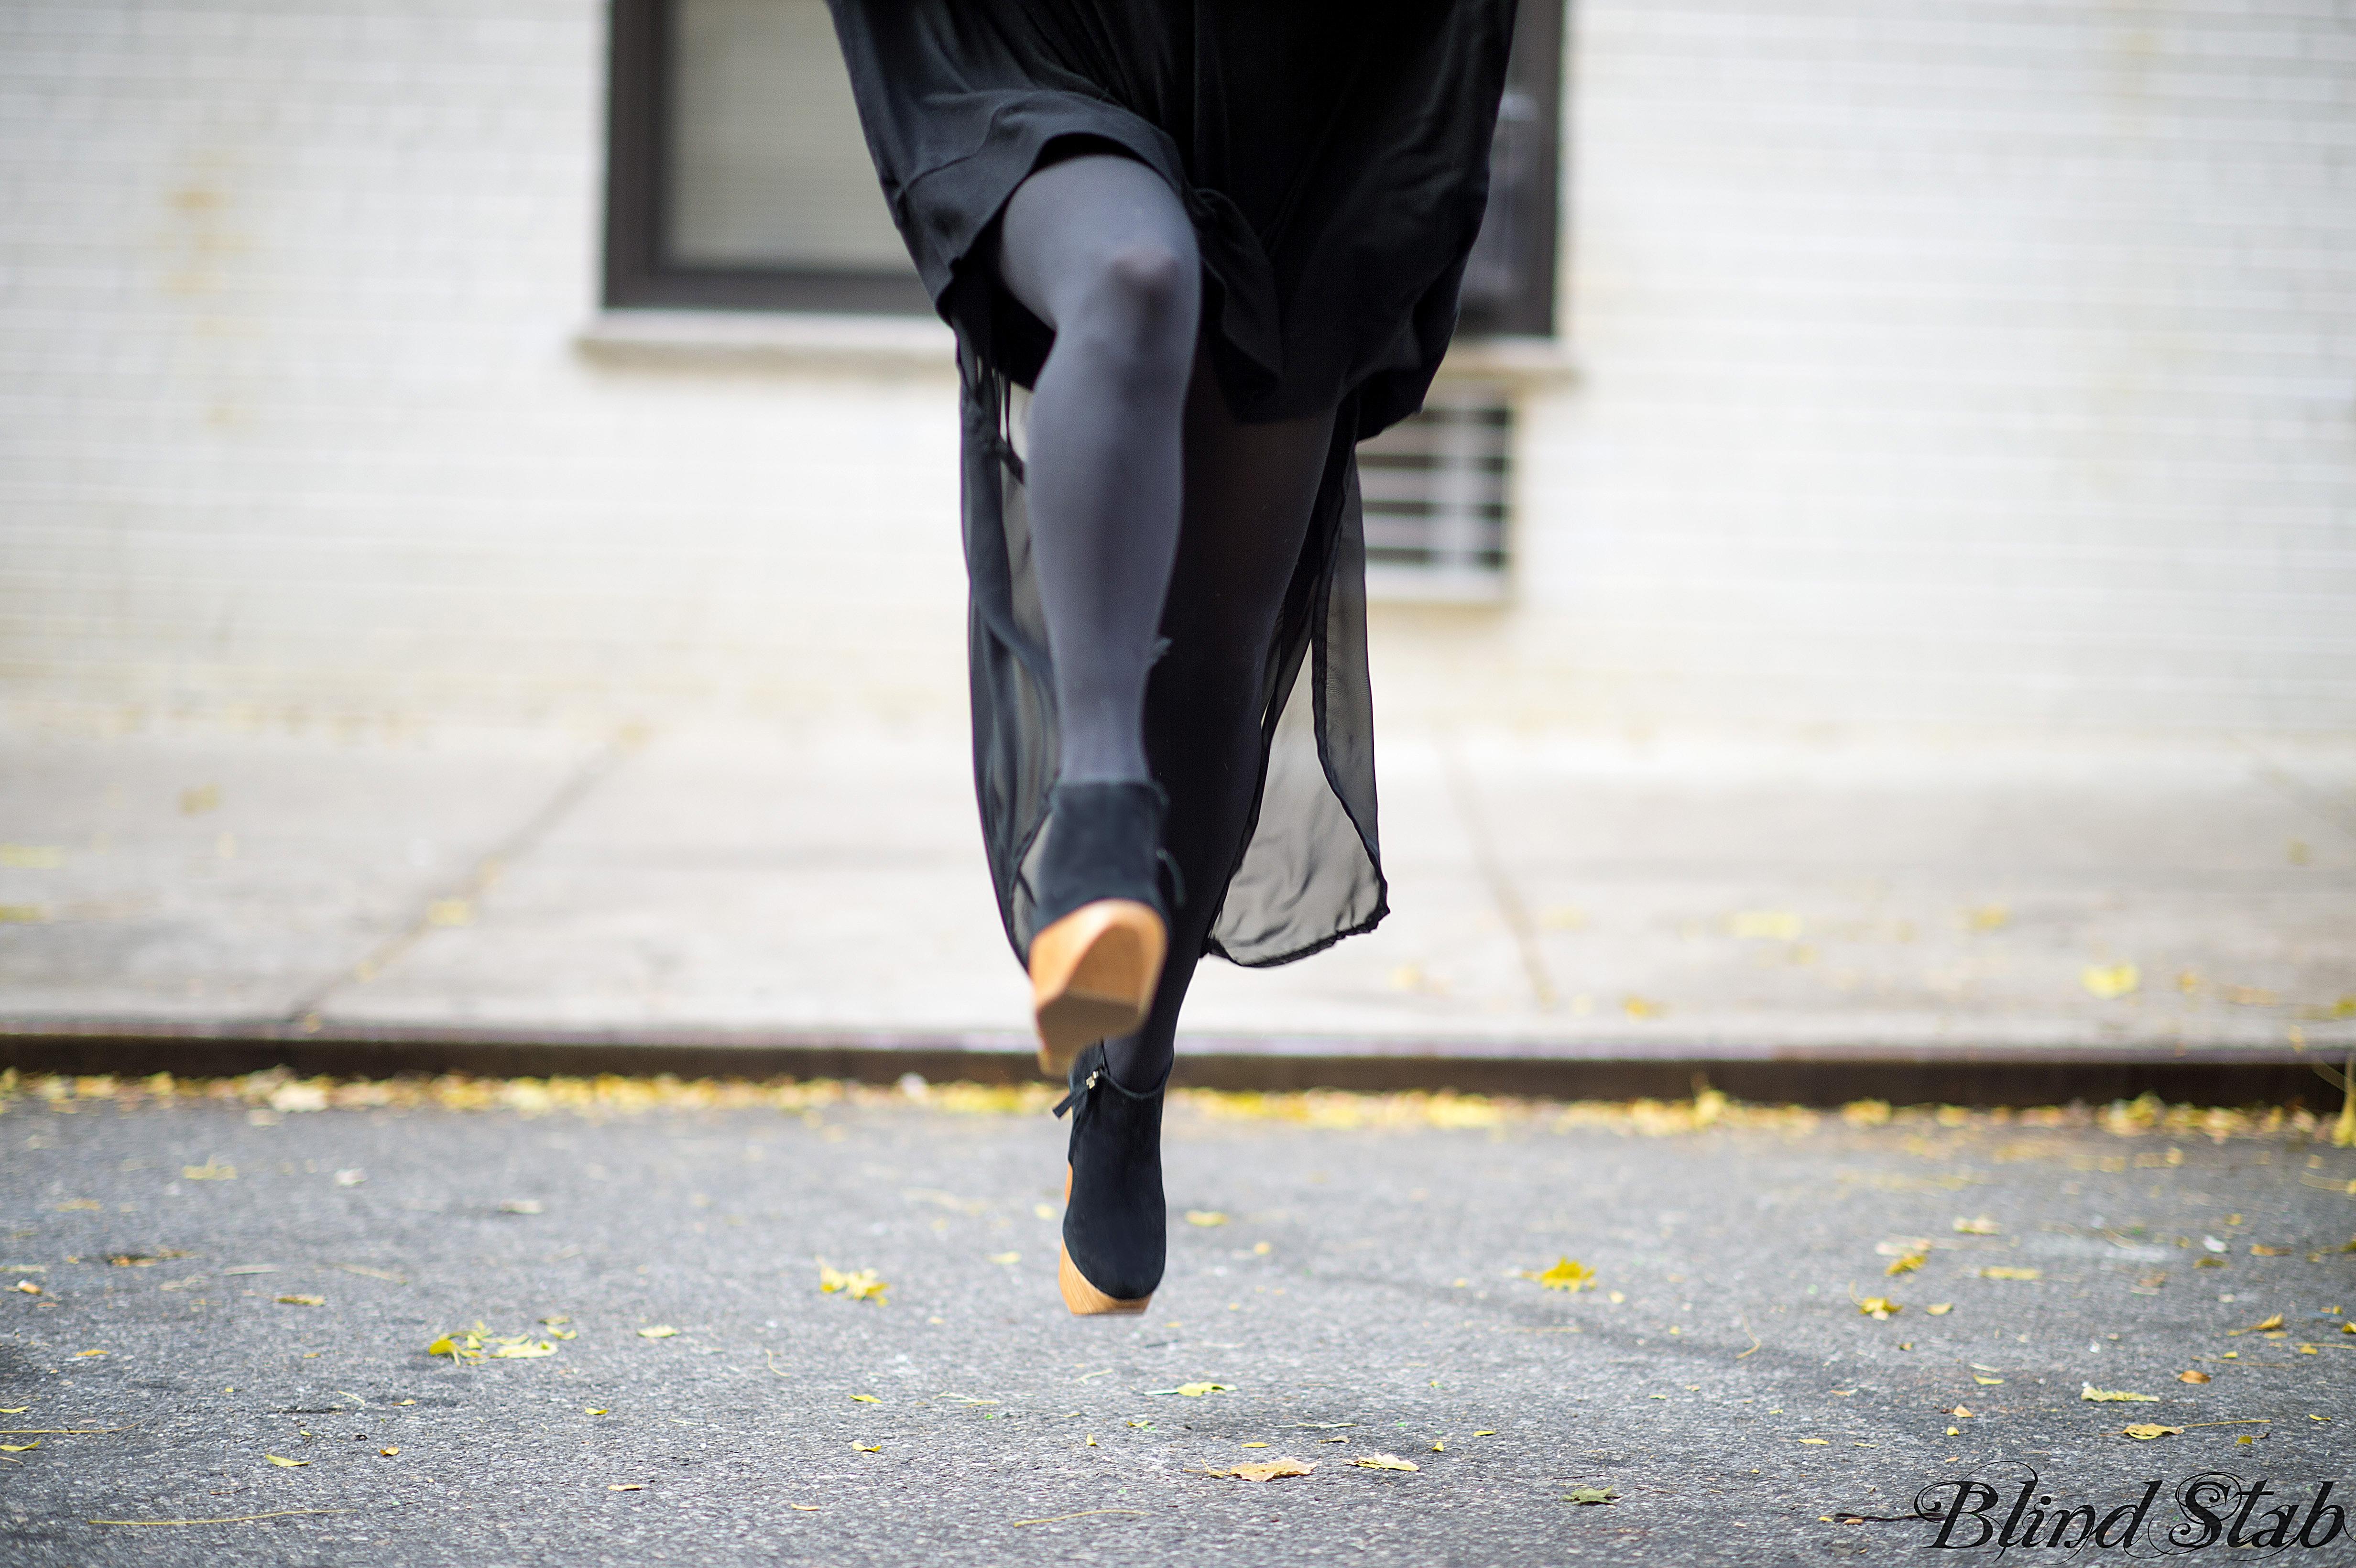 Wood-Platforms-Heels-Wedges-Shoes